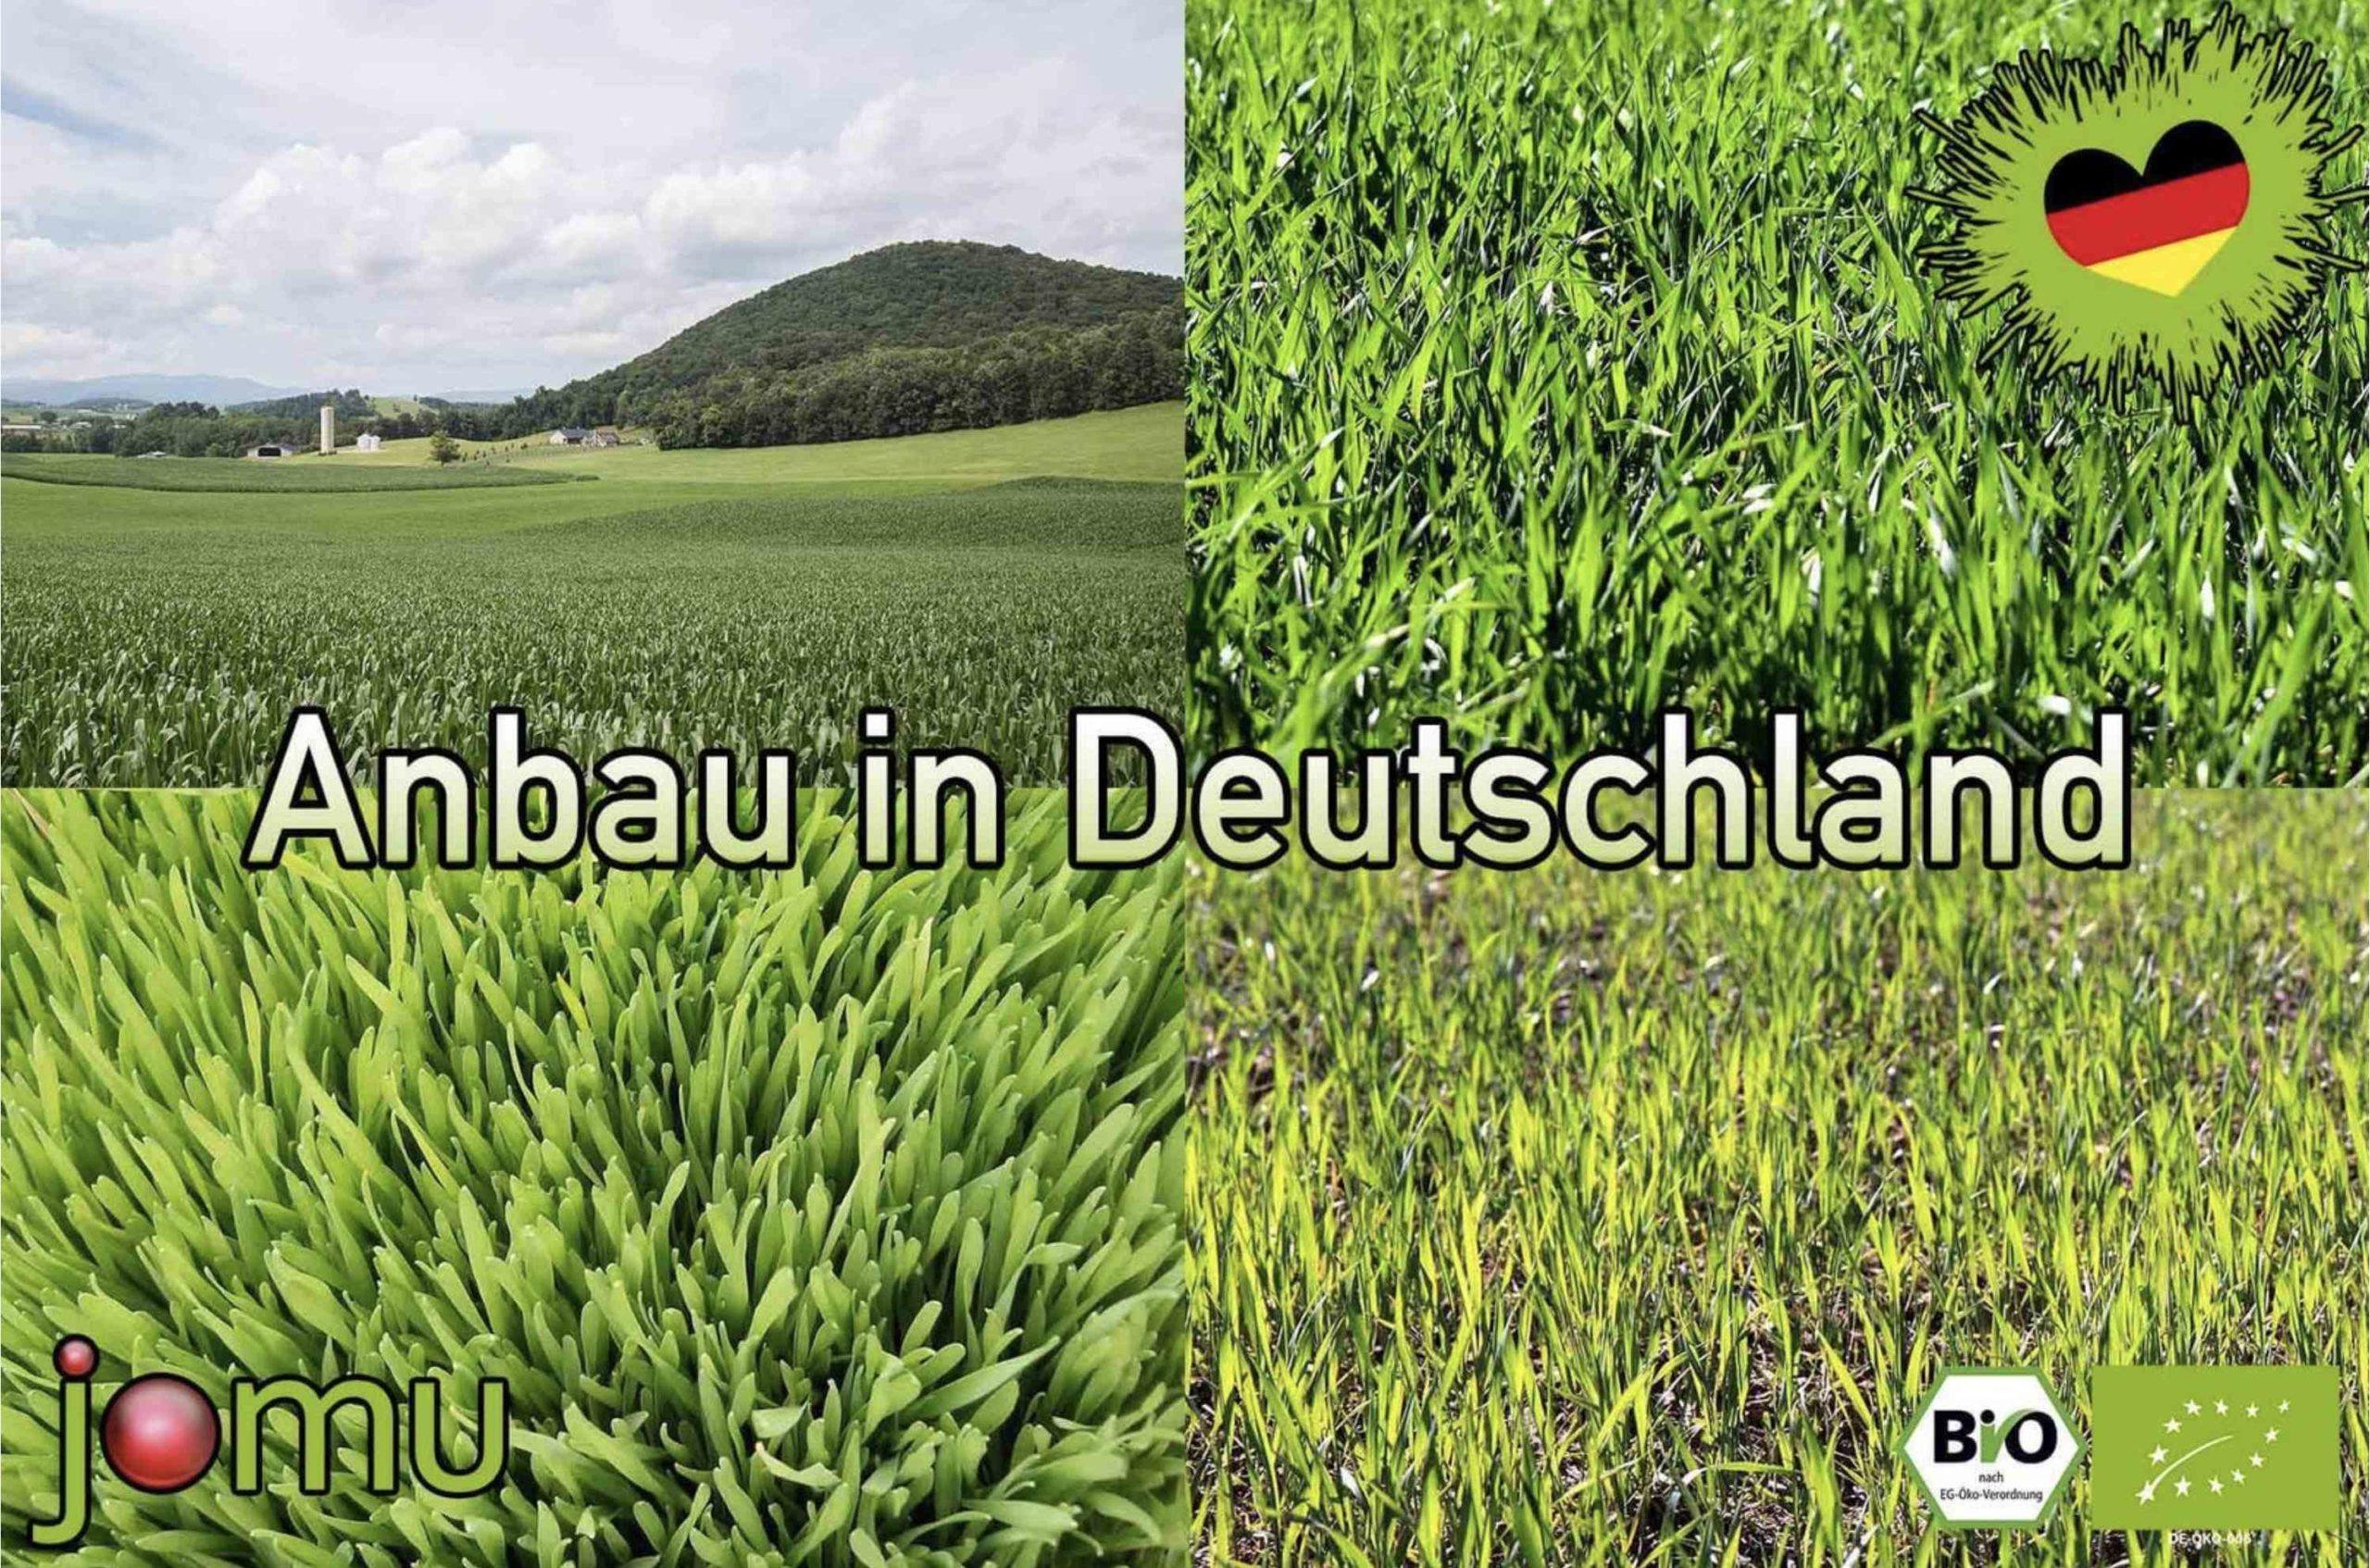 Anbau in Deutschland